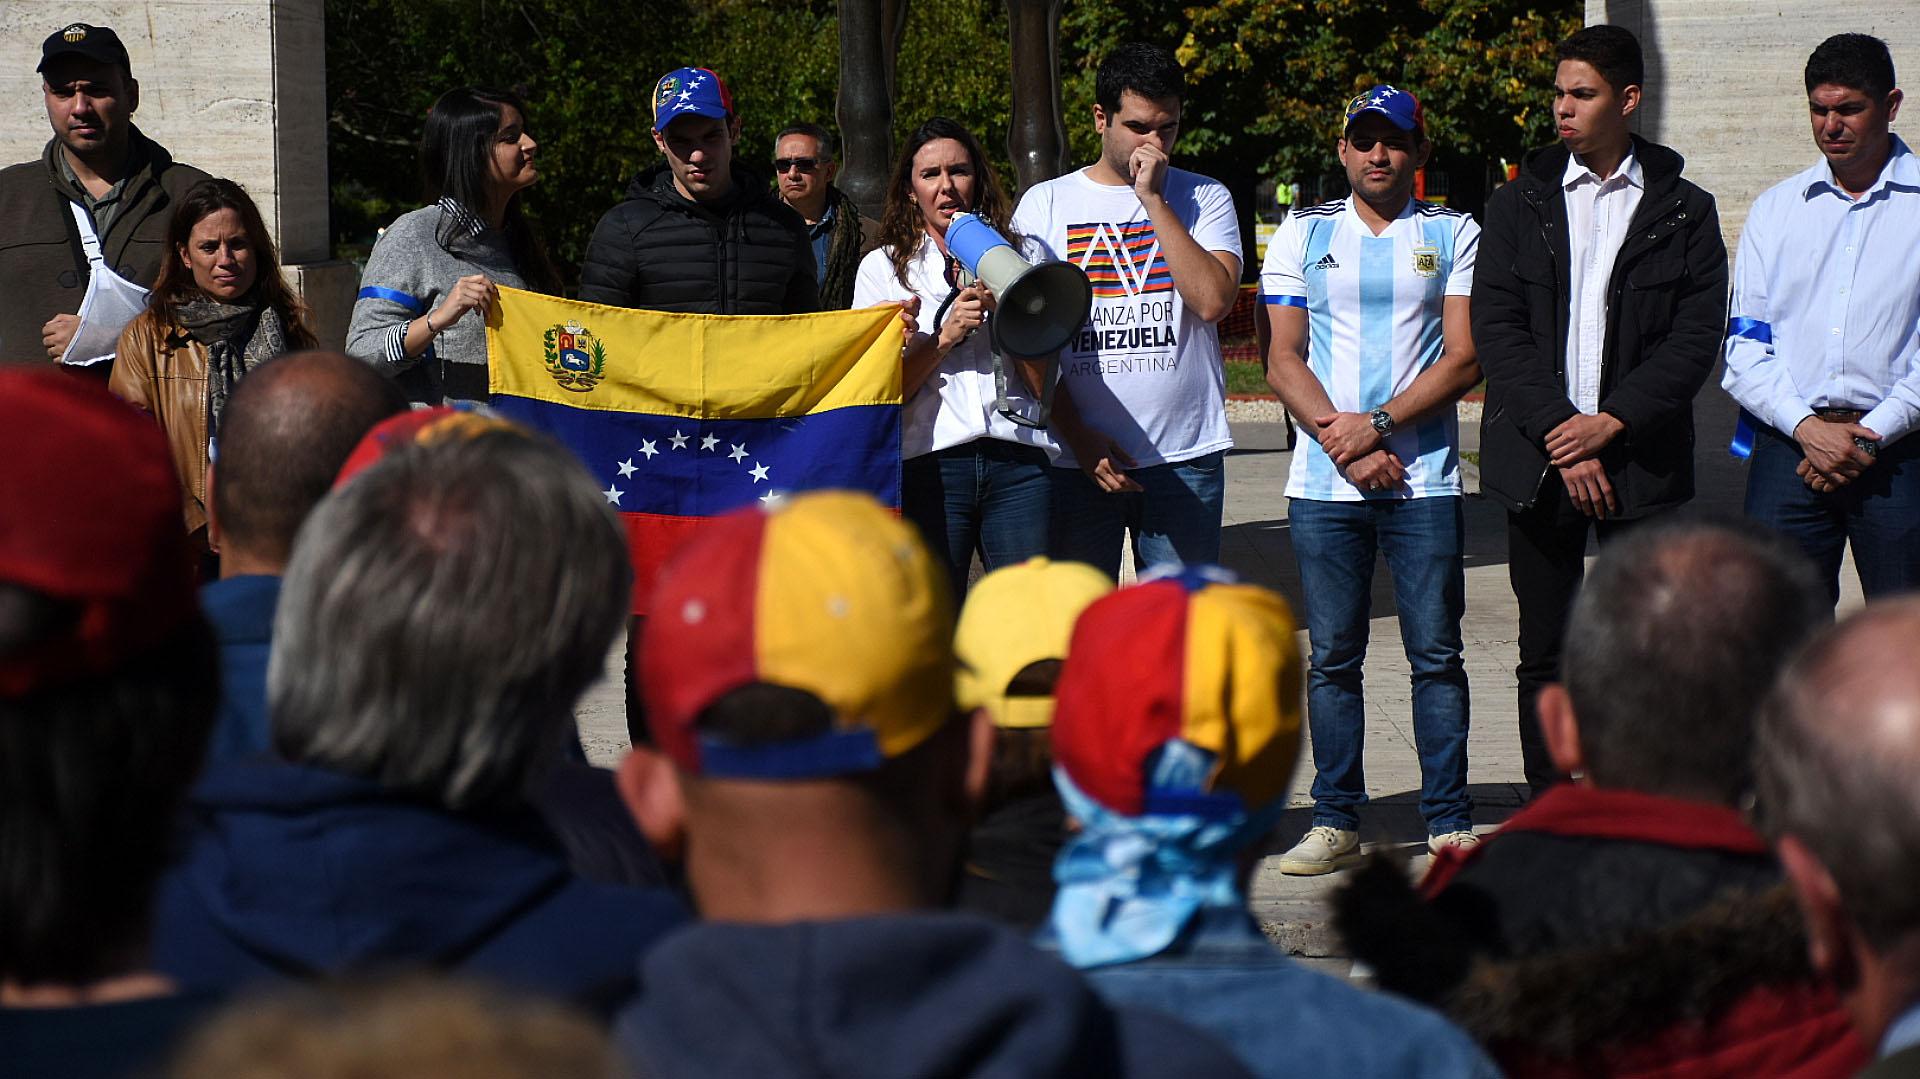 Decenas de venezolanos se reunieron en el Parque Rivadavia de Buenos Aires en un gesto de apoyo a la Operación Libertad iniciada por Guaidó en Venezuela